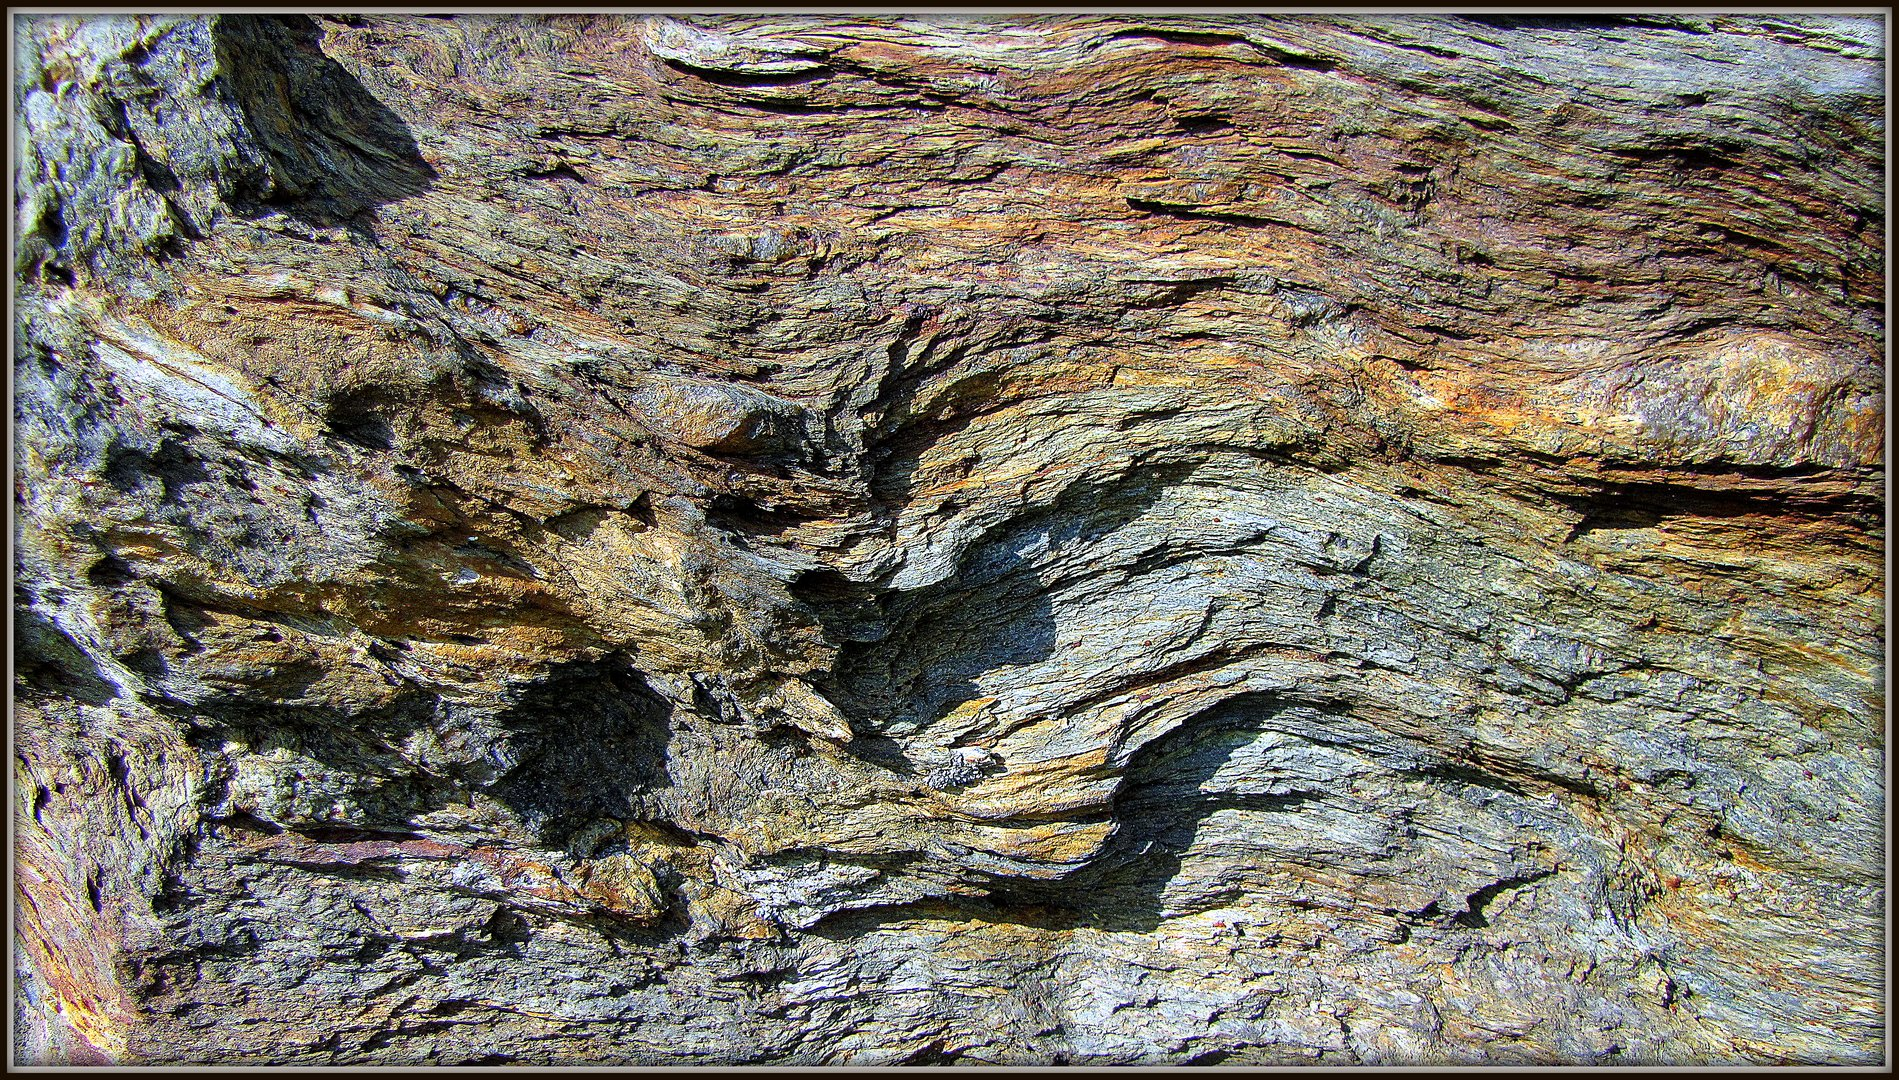 Felsstrukturen 6